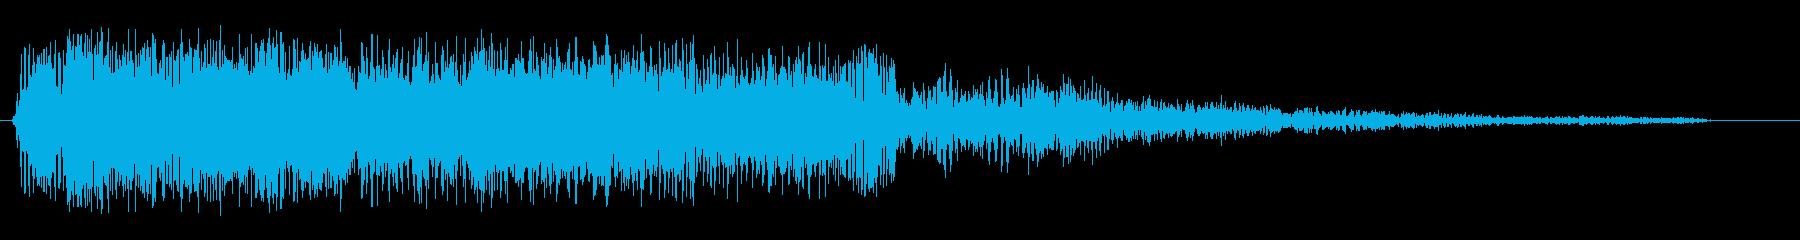 ビヨヨヨヨ〜ン(コミカルな効果音)の再生済みの波形